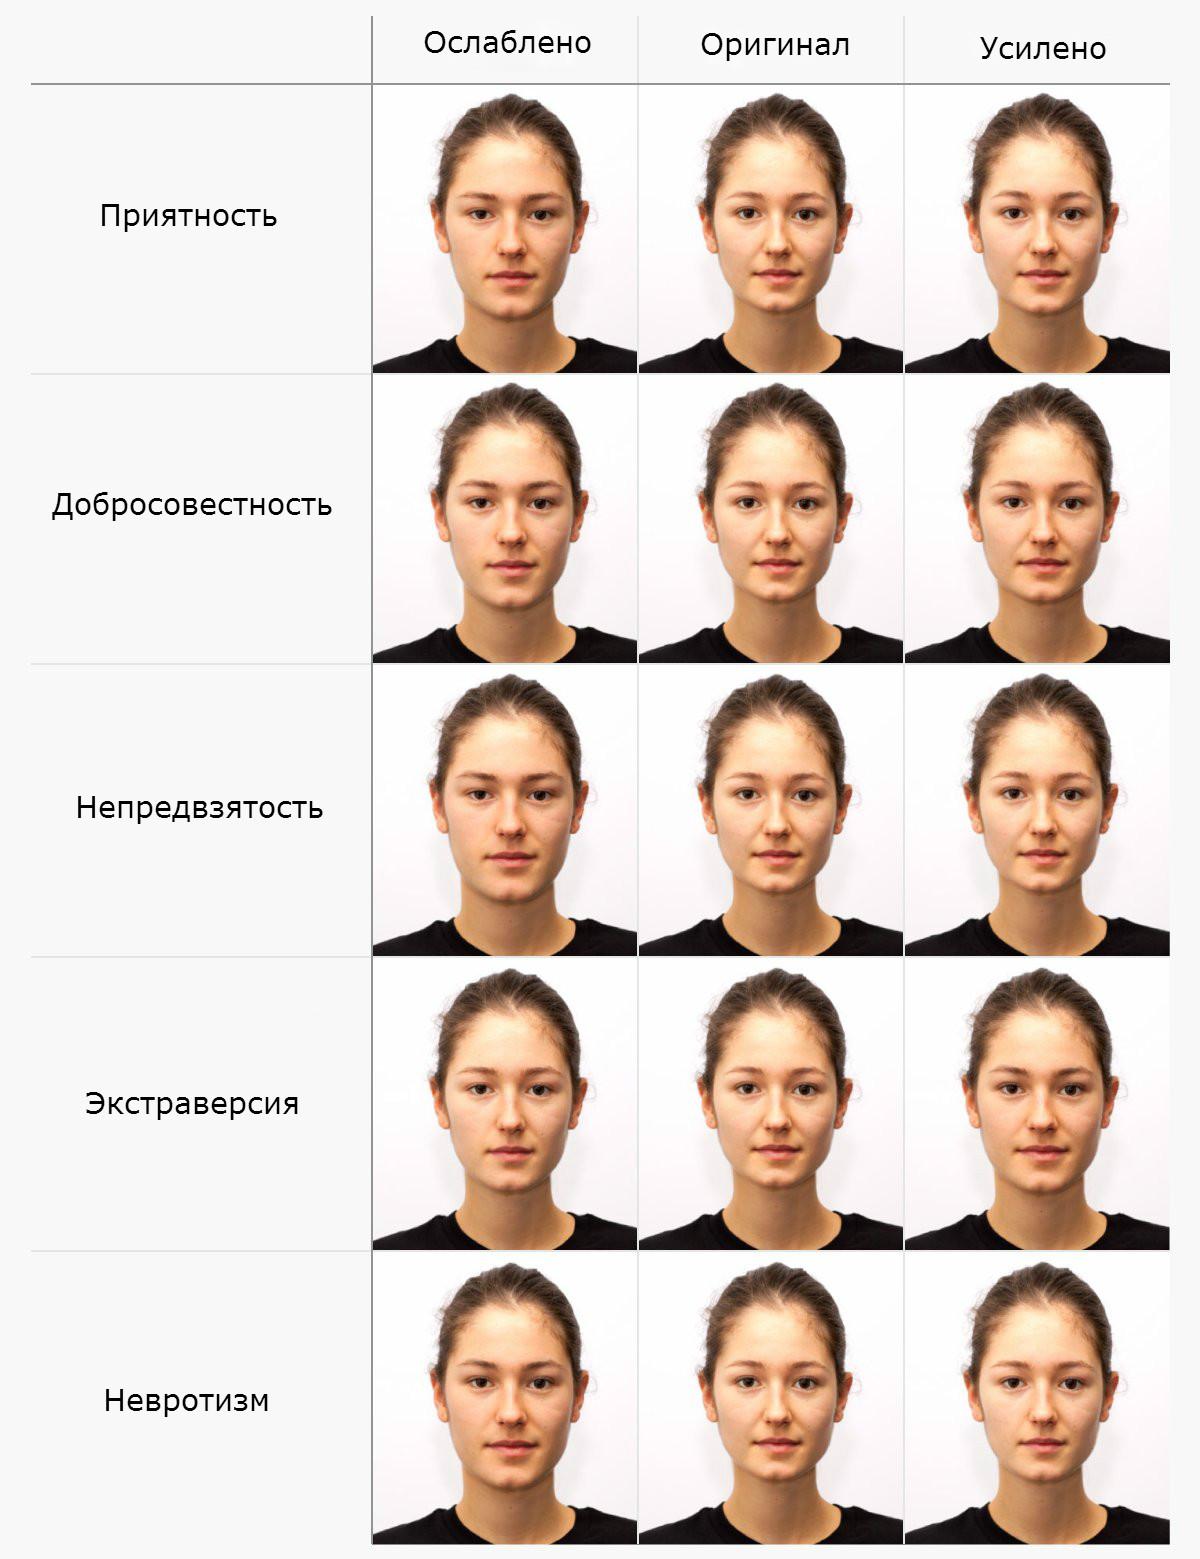 которой характеристика черт лица картинки упростить